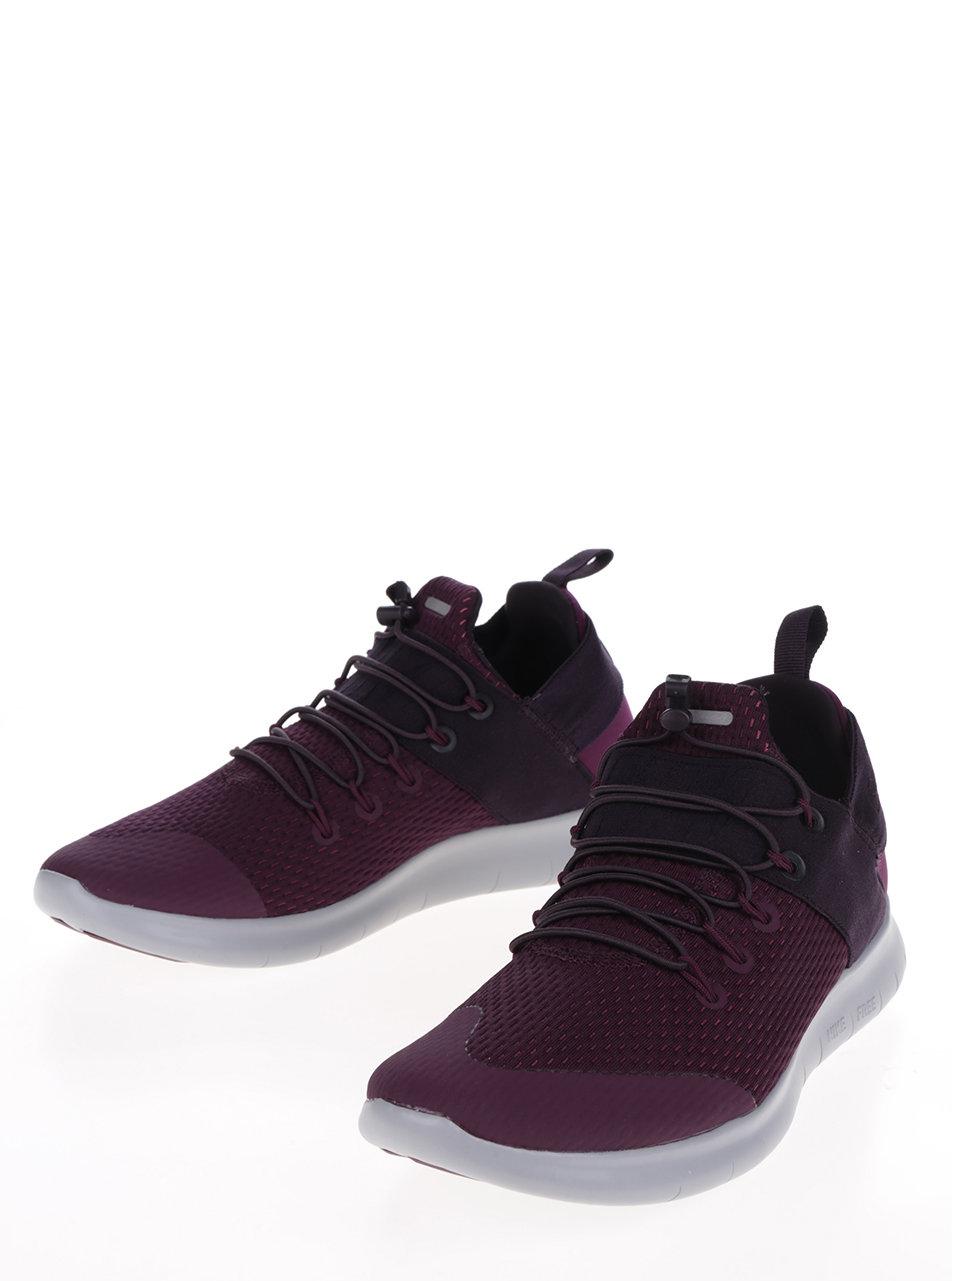 Fialové pánske tenisky so sivou podrážkou Nike Free RN Commuter ... 331bb18c1c7